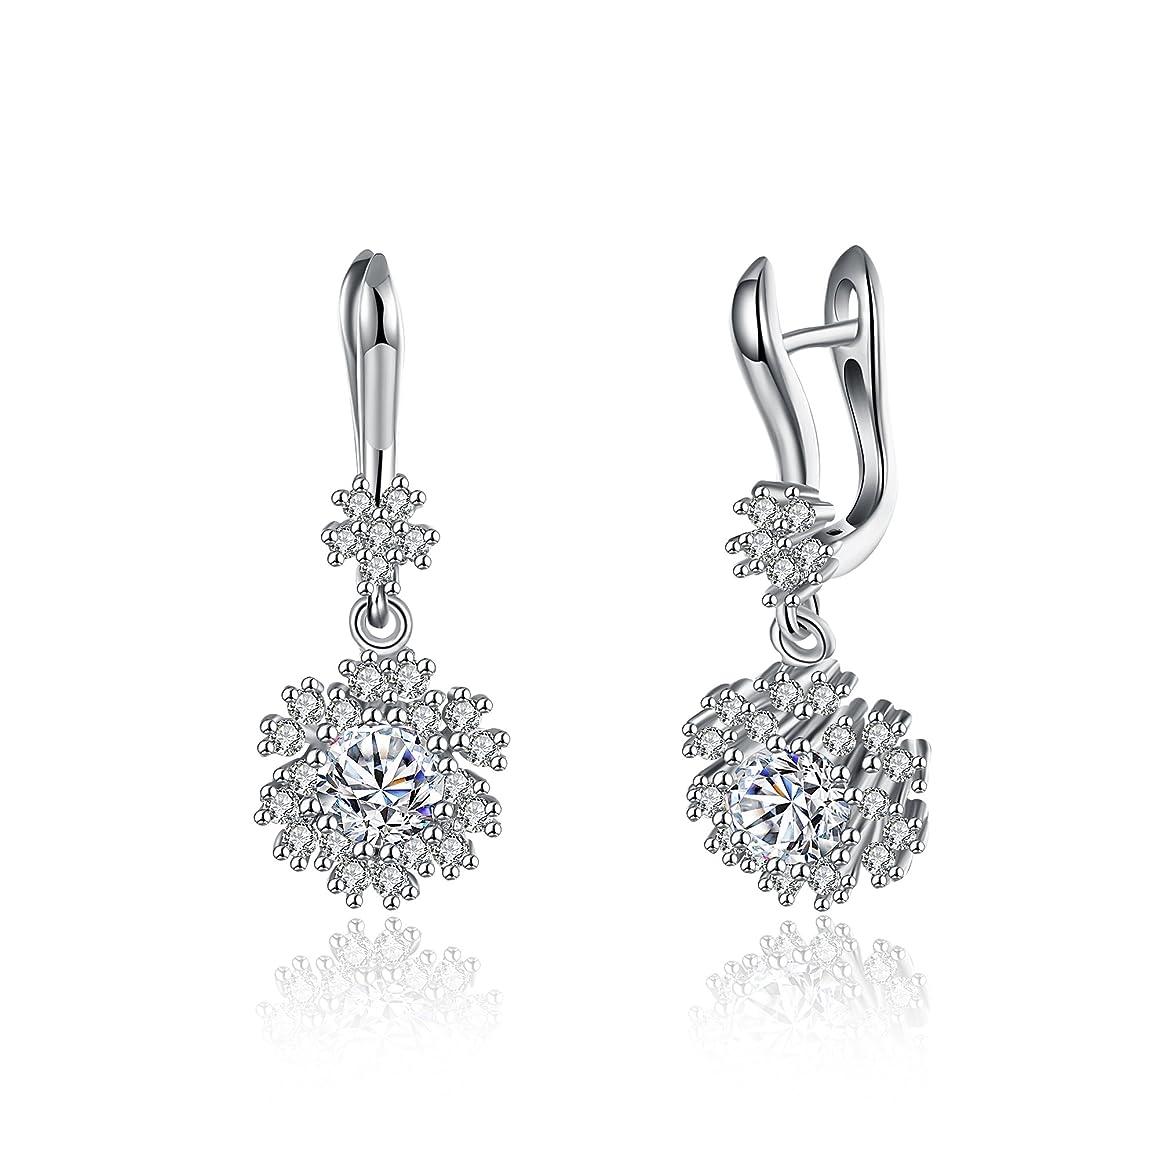 BALANSOHO Elegant Snowflake Flower White CZ Bridal Dangle Earrings for Women in 925 Sterling Silver